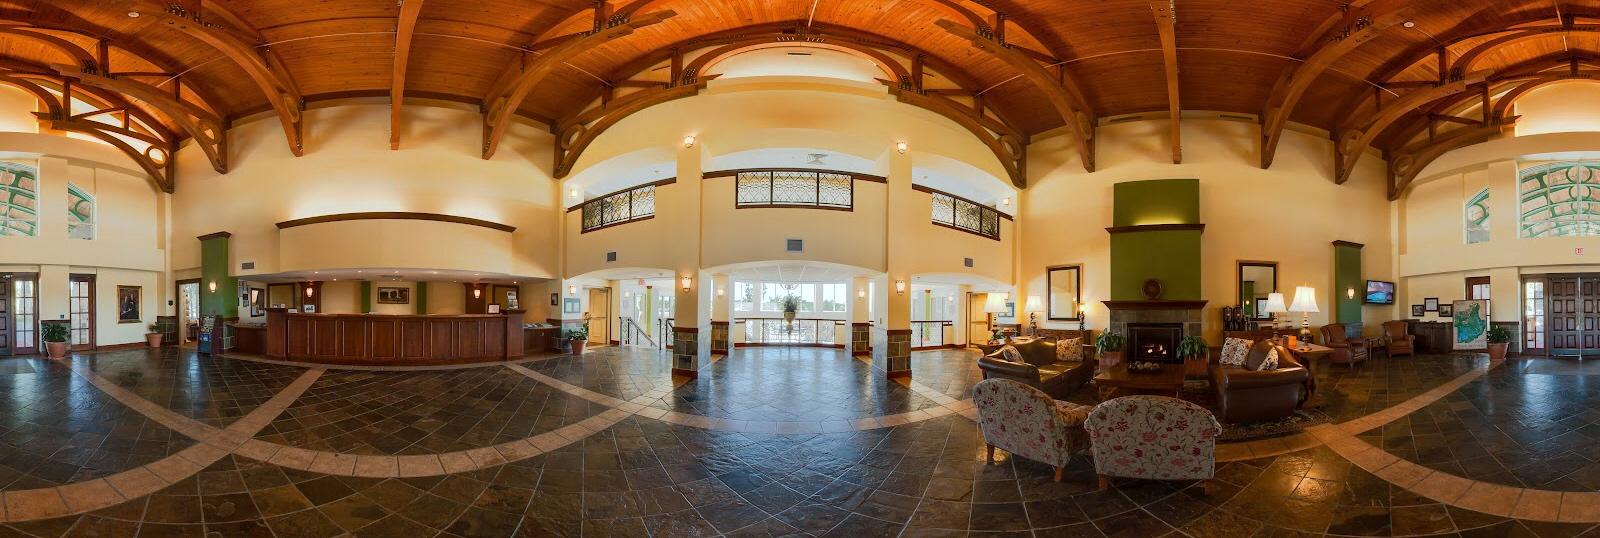 360 graden foto interieur gebouw